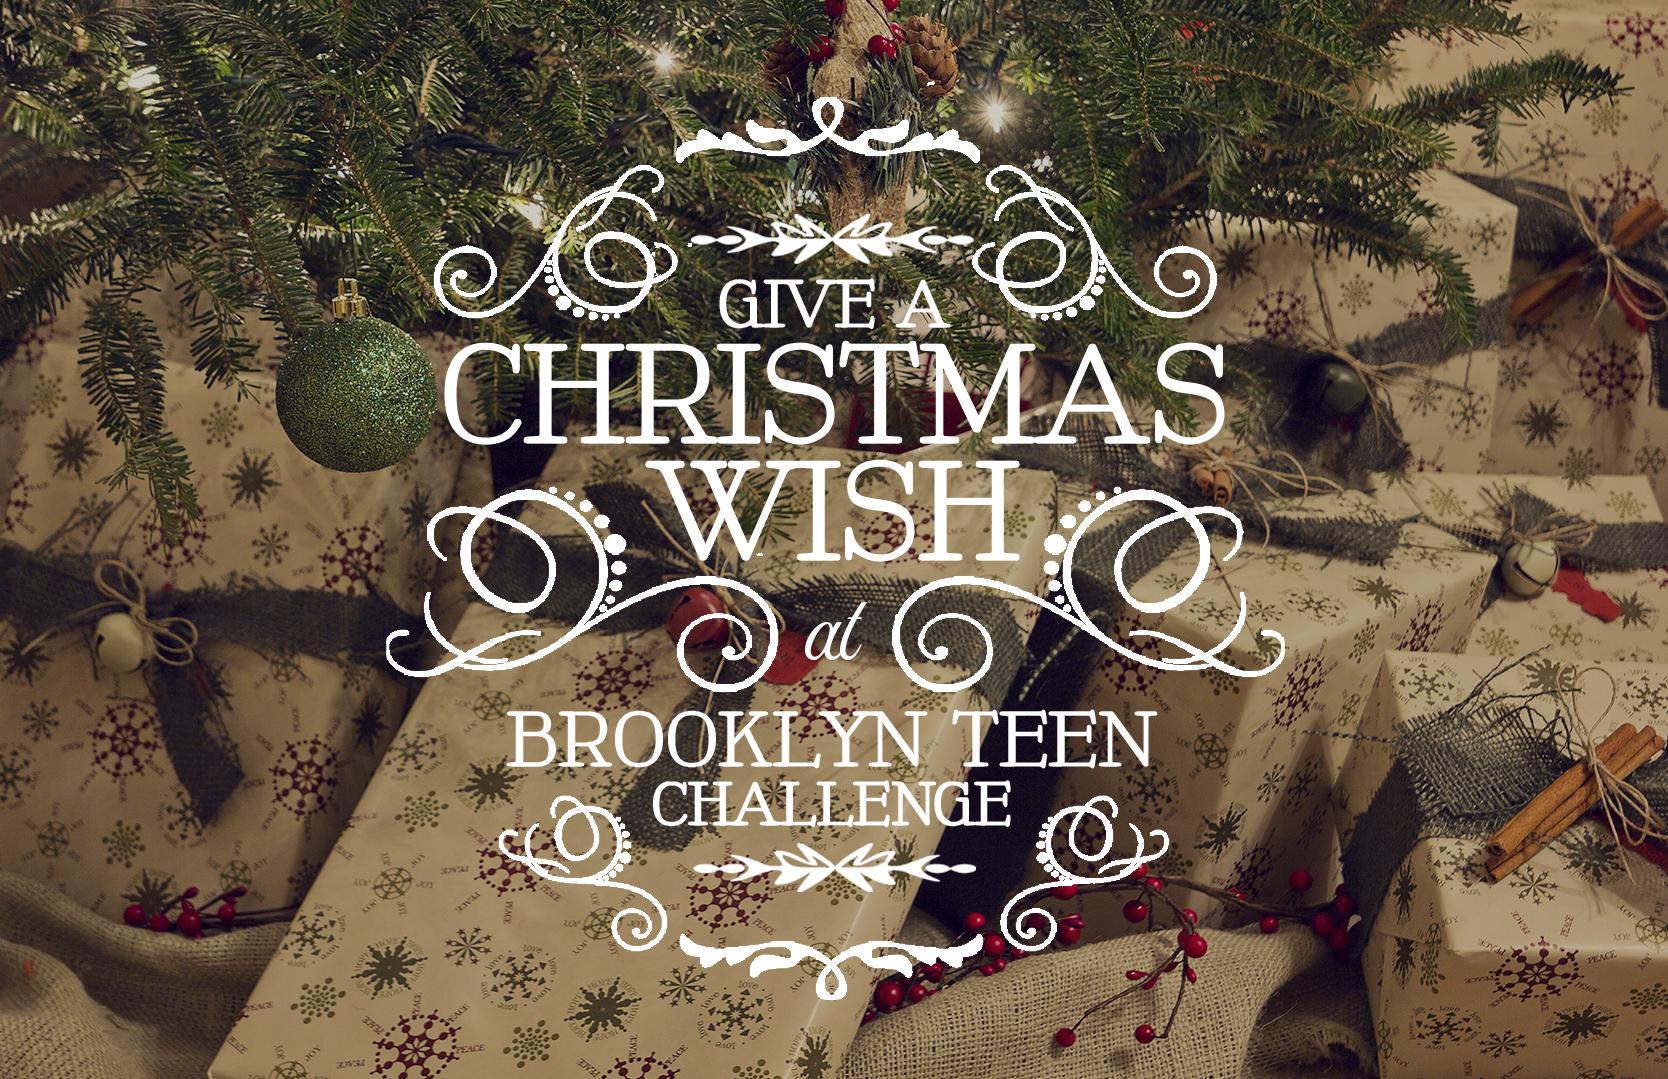 CHRISTMASWISH3.jpg